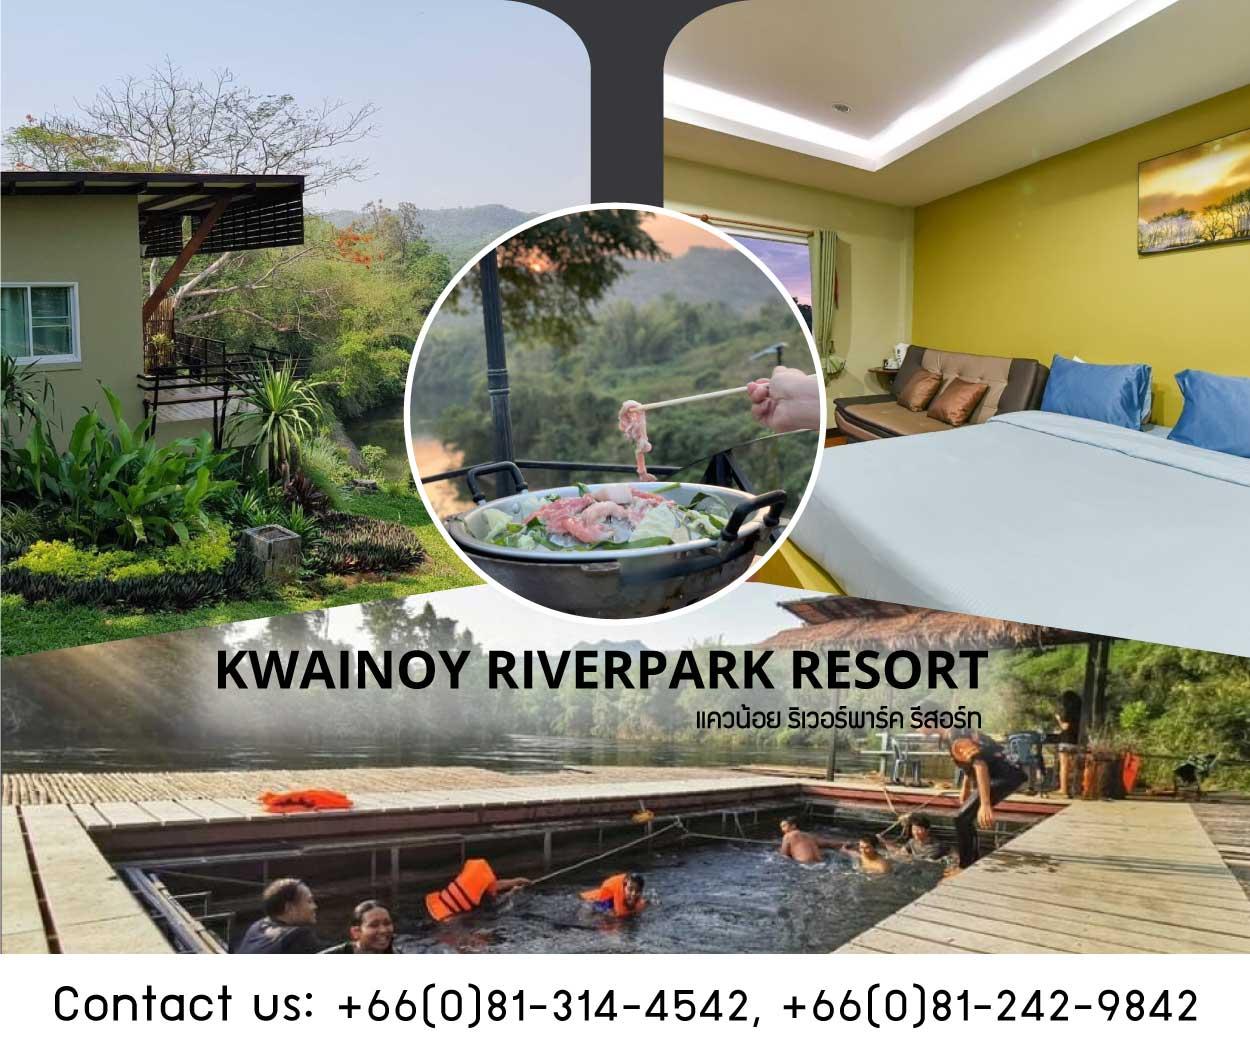 Kwainoy Riverpark Resort Kanchanaburi